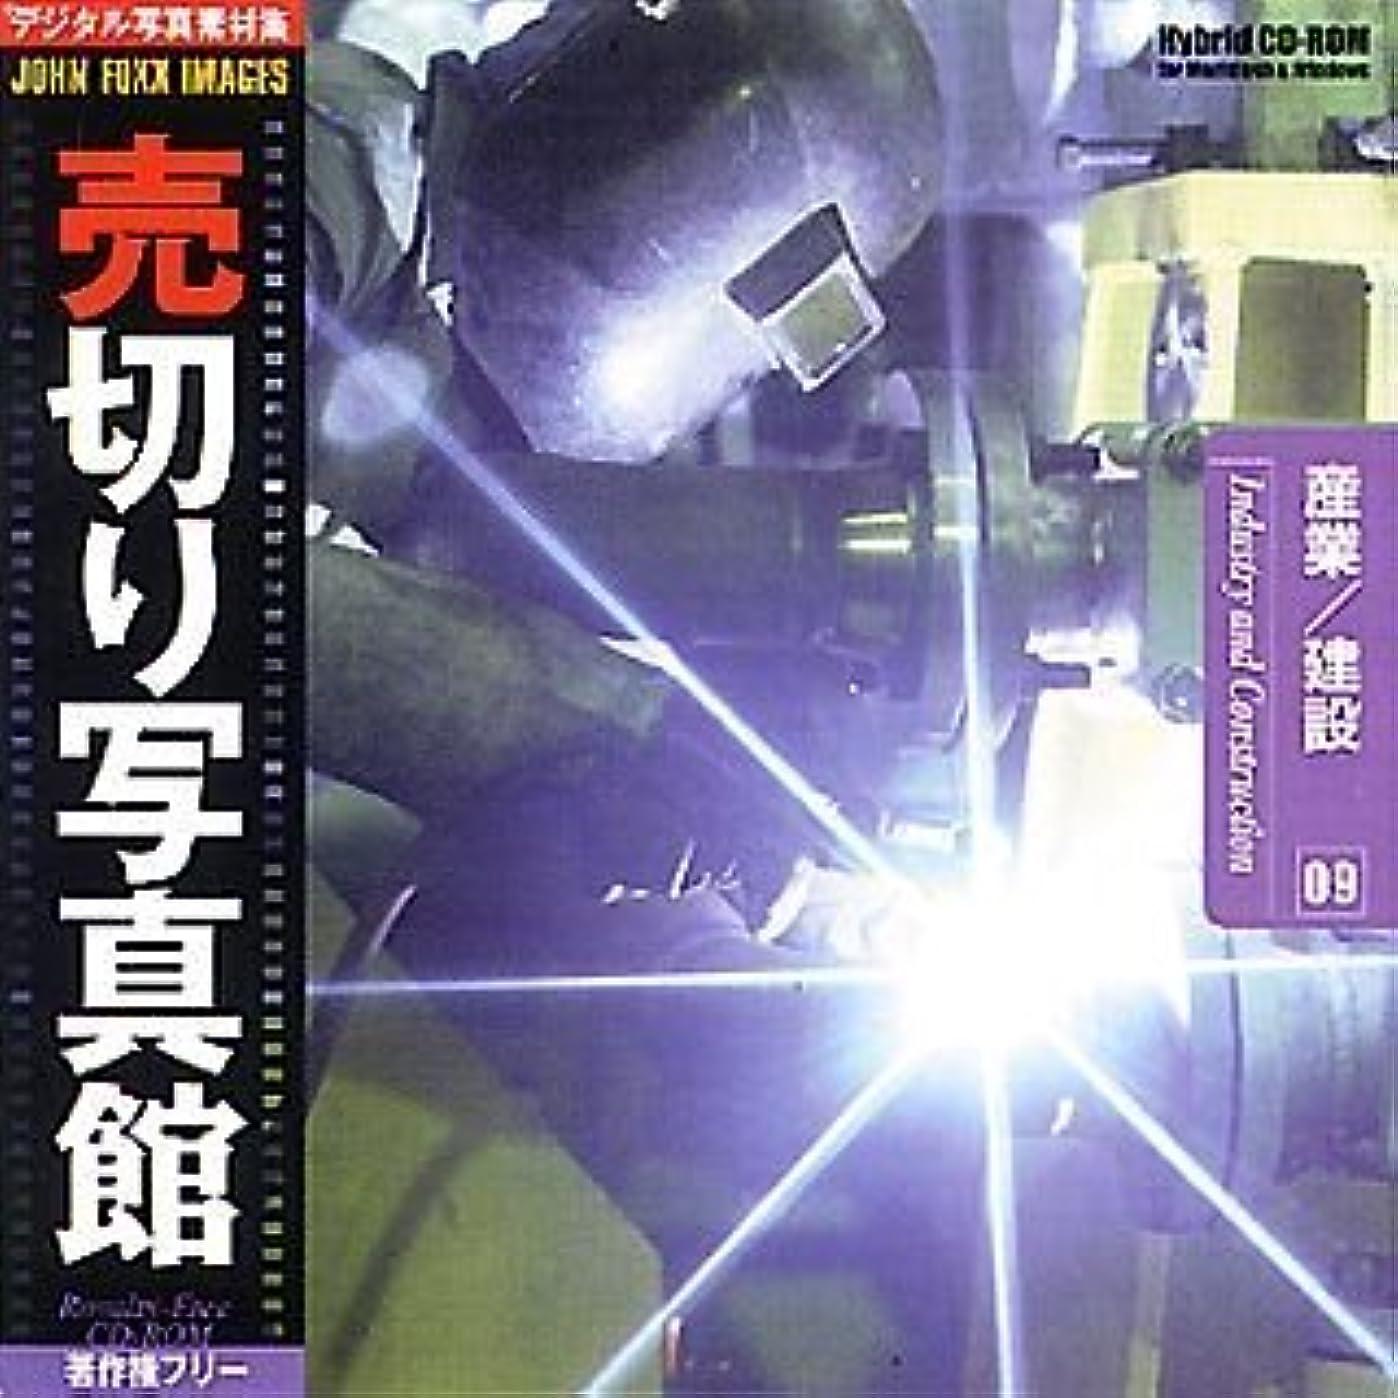 なすカセット恐怖売切り写真館 JFIシリーズ 9 産業/建設